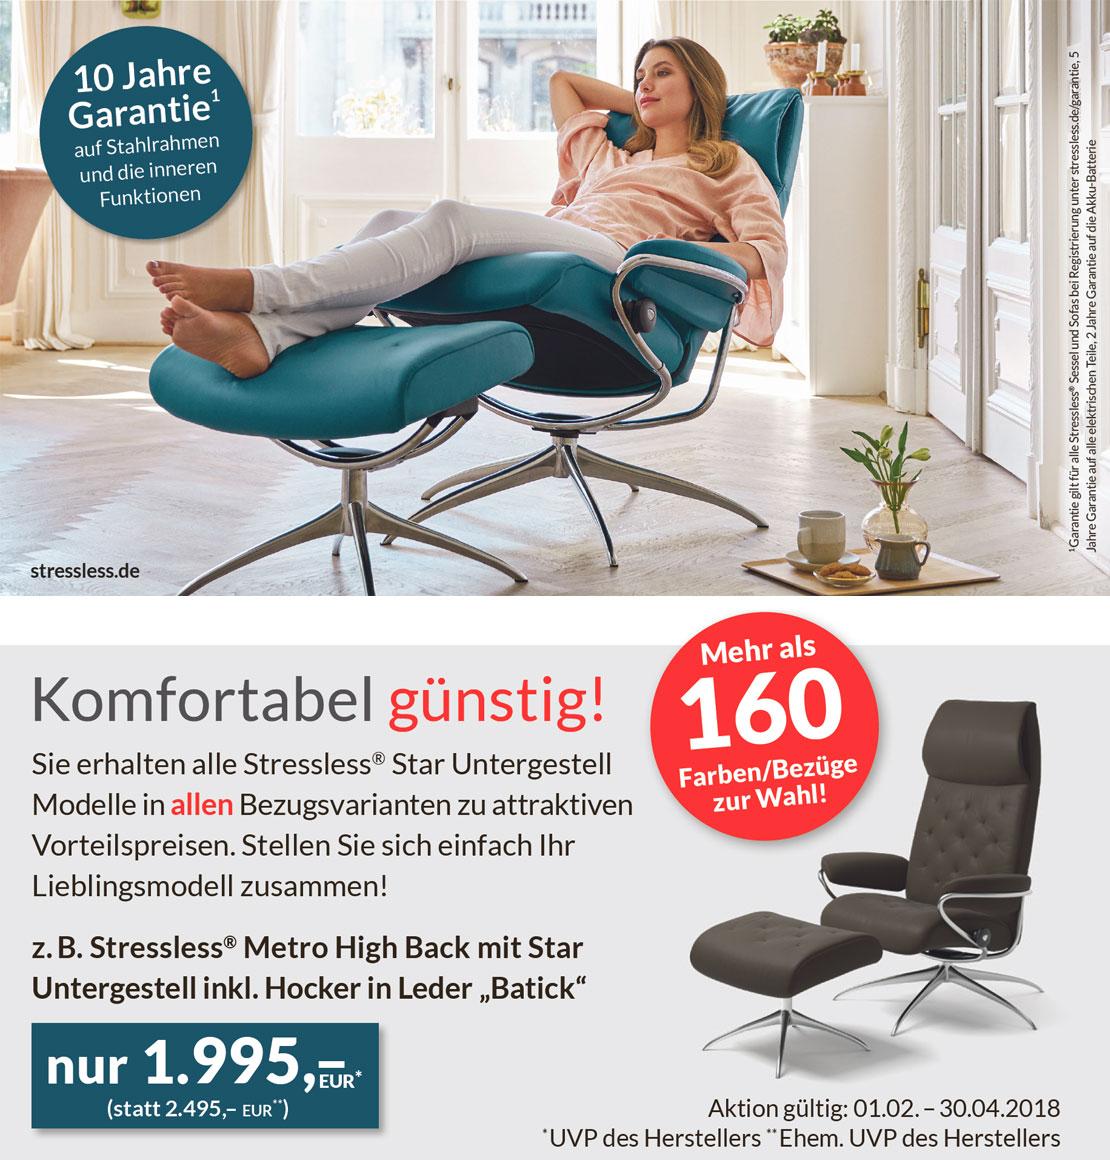 Stressless® Metro High Back mit Star Untergestell | Möbel Schulze